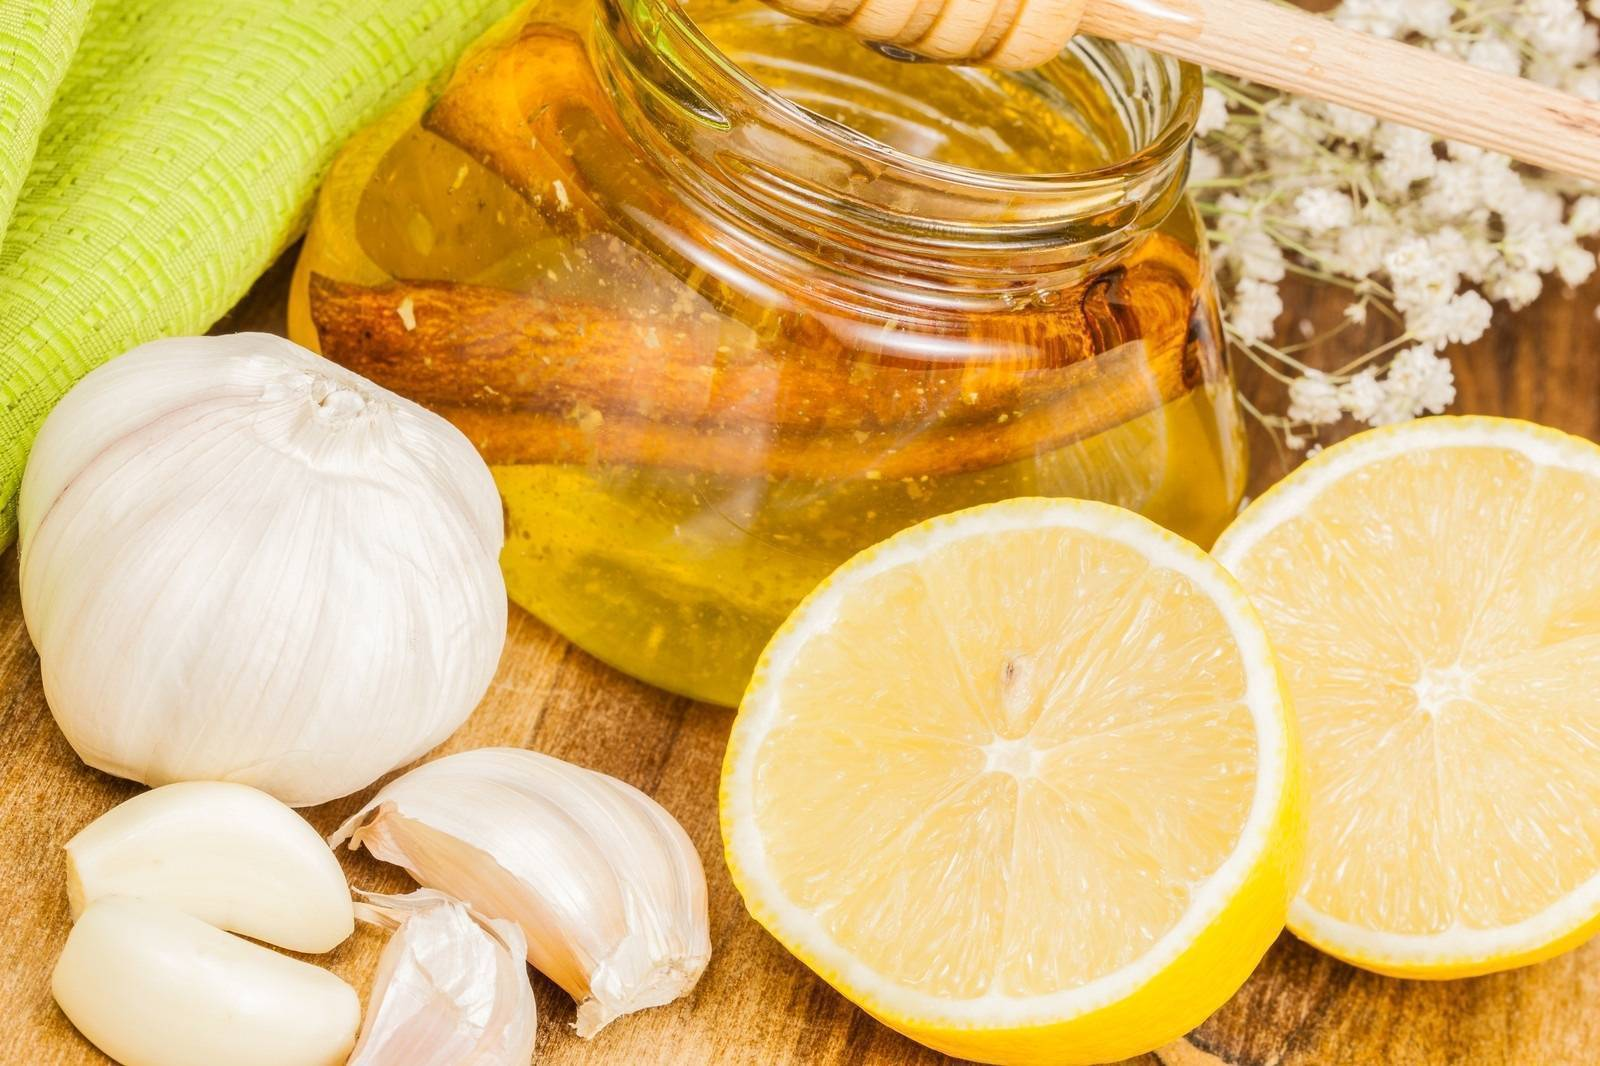 Лечение бабушкиными средствами: чистка сосудов чесноком